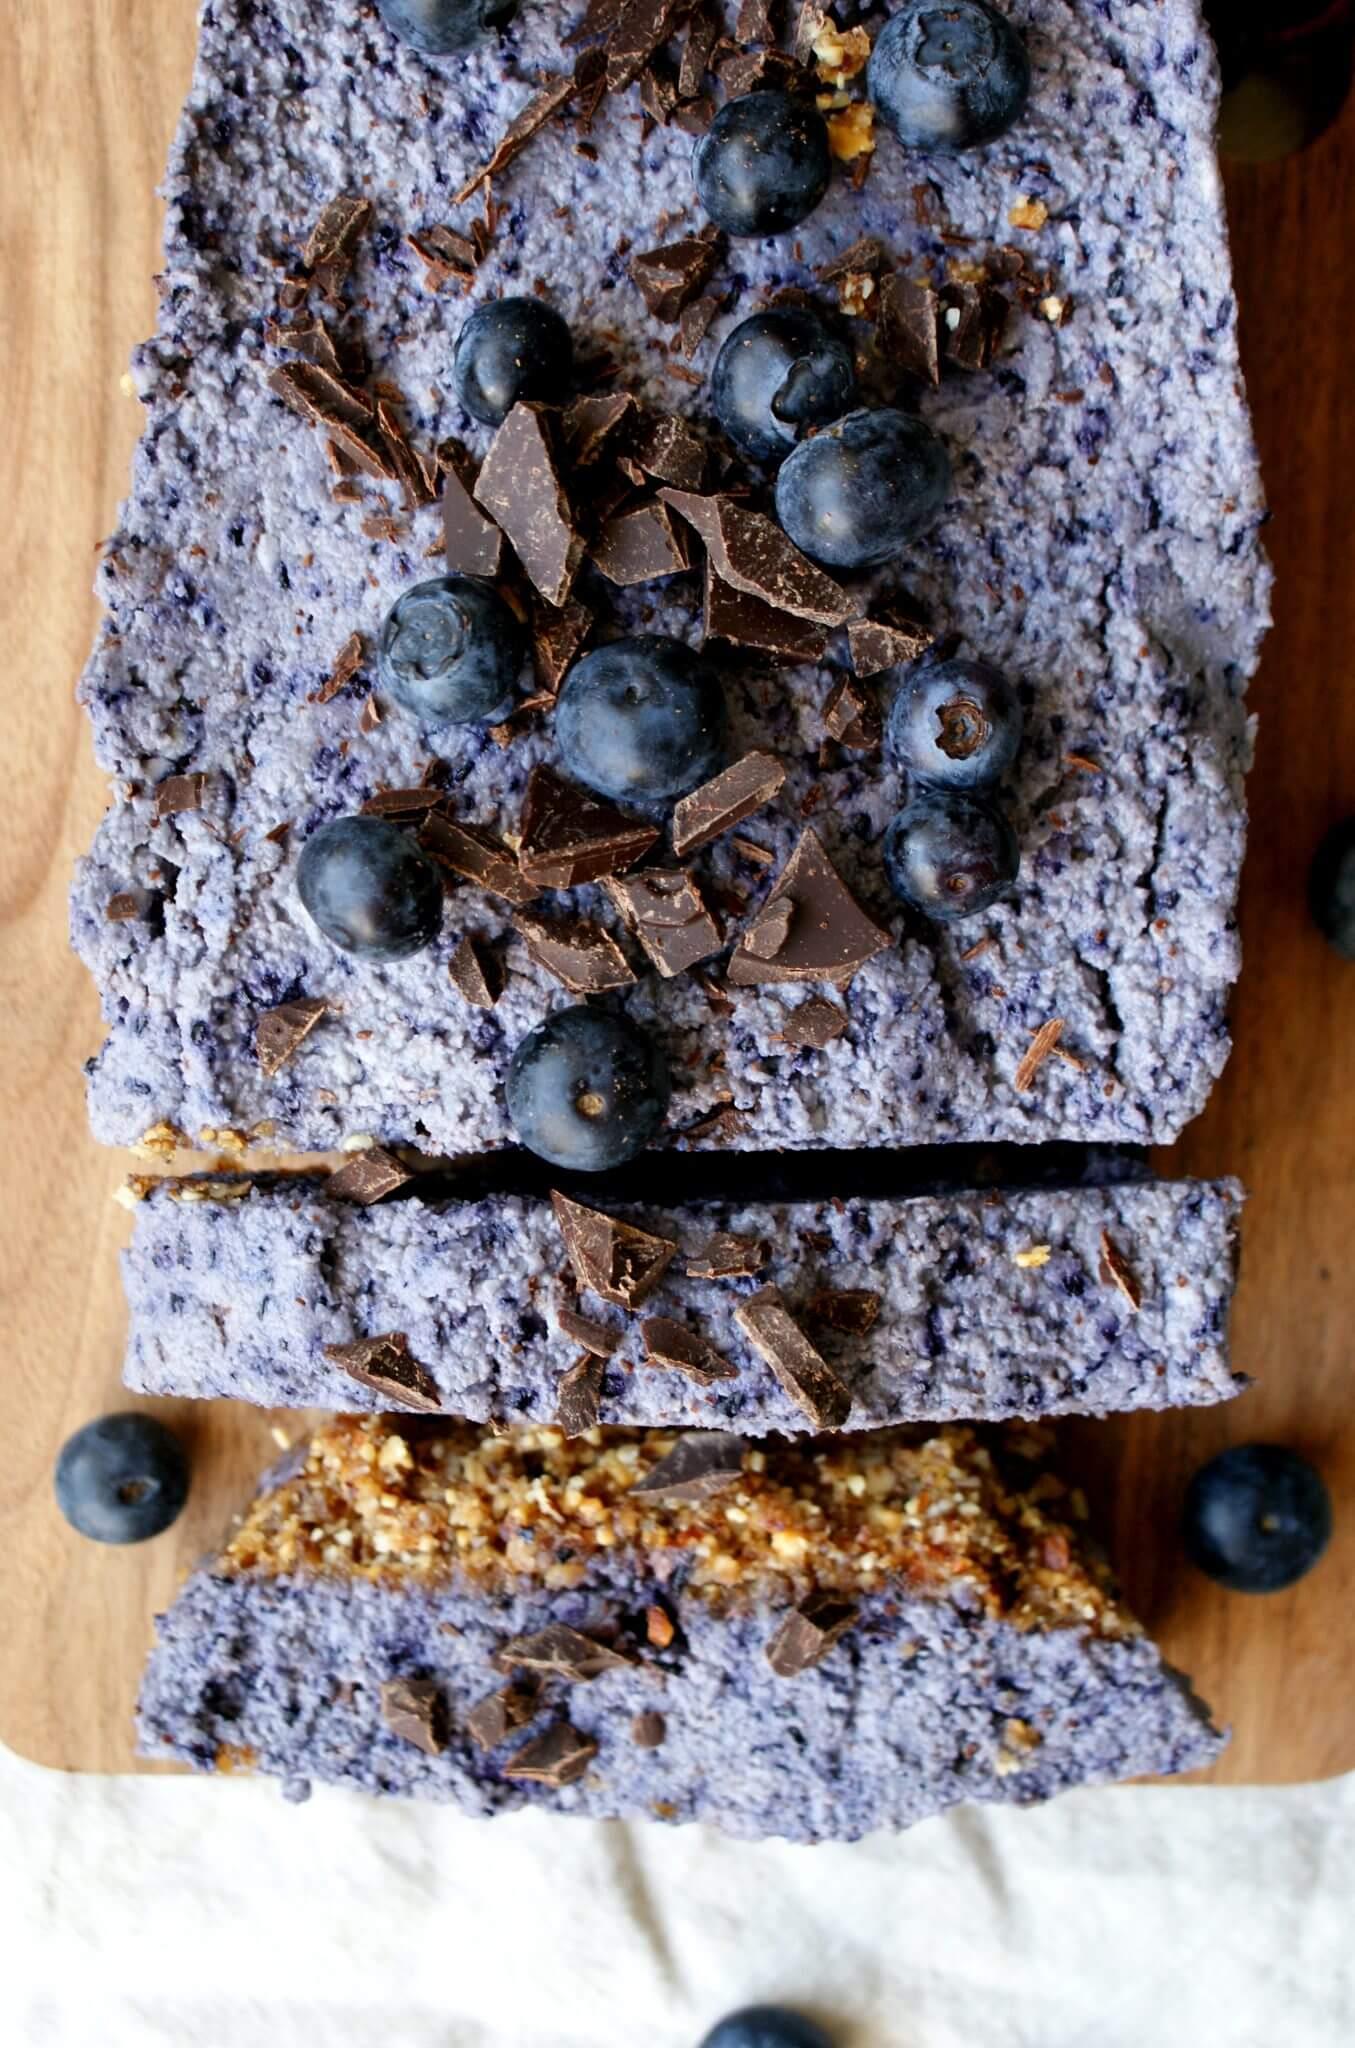 Raw cake met blauwe bessen en chocolade